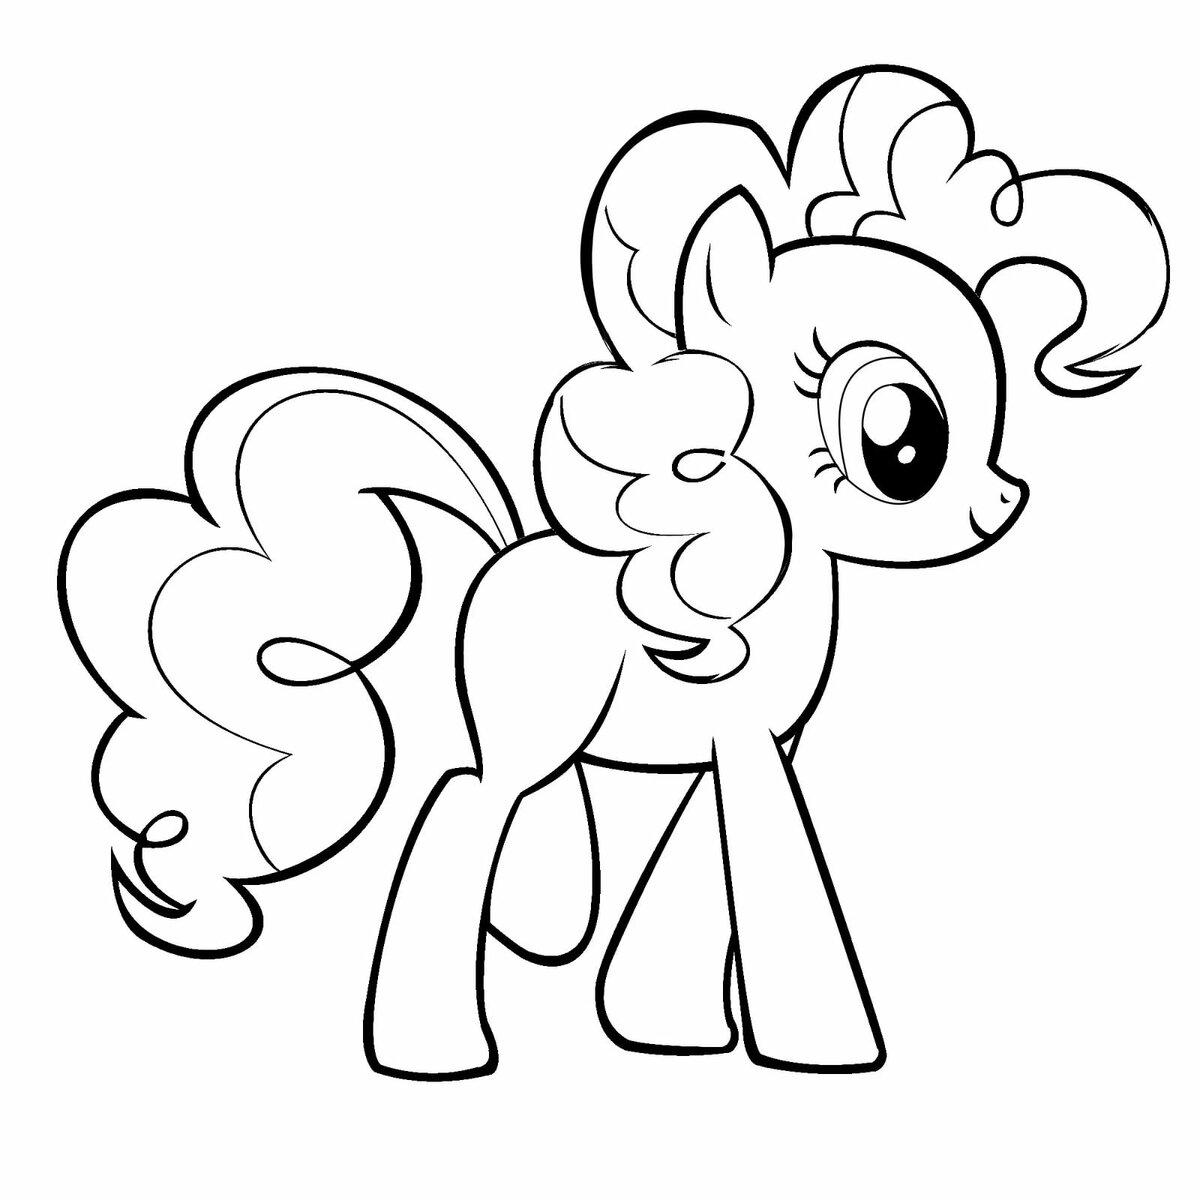 картинки пони для рисования раскрашенные